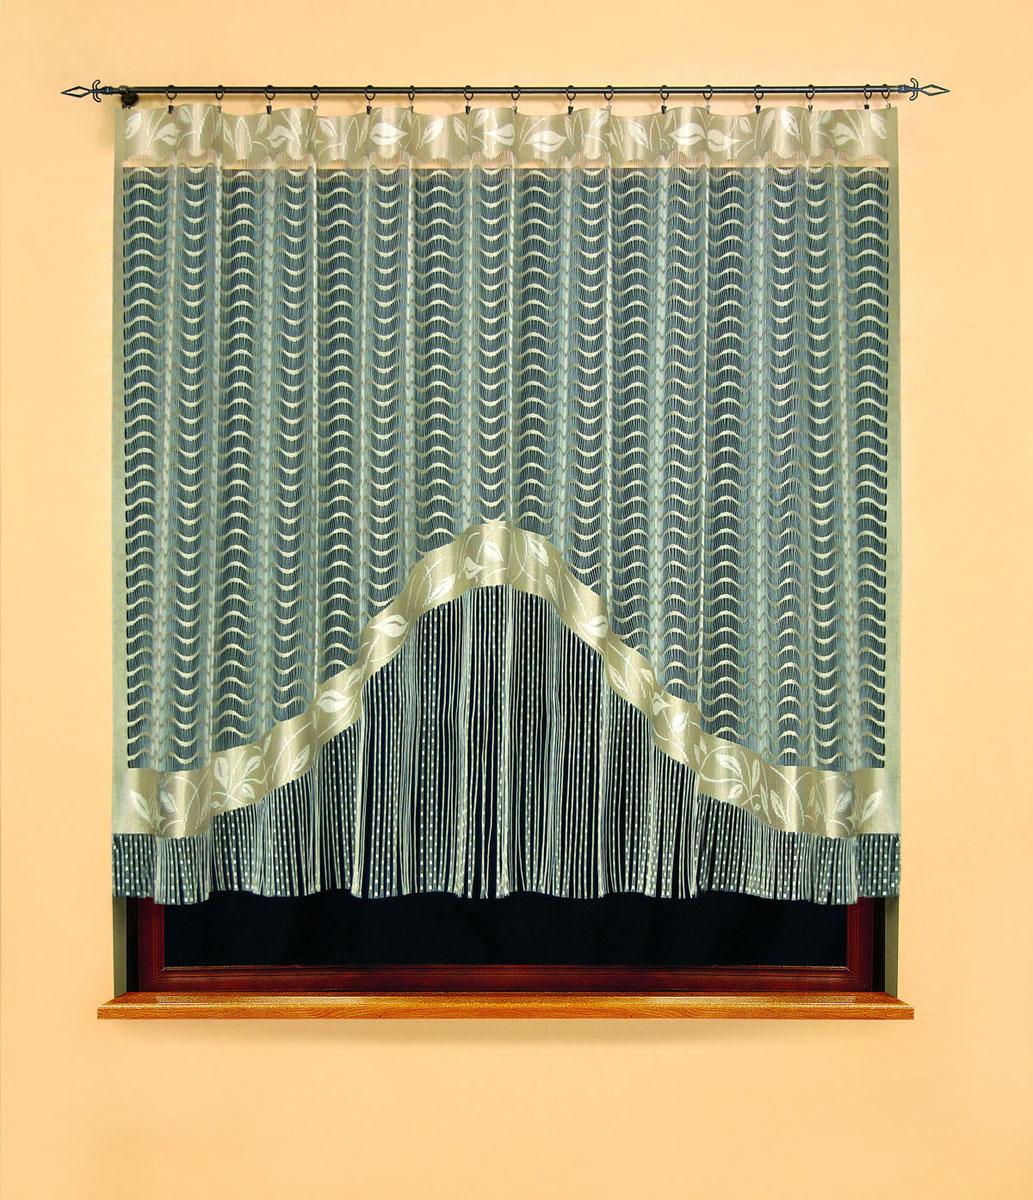 Гардина Gracjana, цвет: бежевый, высота 180 см582266Гардина Gracjana, изготовленная из полиэстера бежевого цвета, станет великолепным украшением любого окна. Нижняя часть гардины оформлена бахромой. Тонкое плетение, оригинальный дизайн и нежная цветовая гамма привлекут внимание и украсят интерьер помещения. Гардина крепится к карнизу только с помощью зажимов (в комплект не входят).